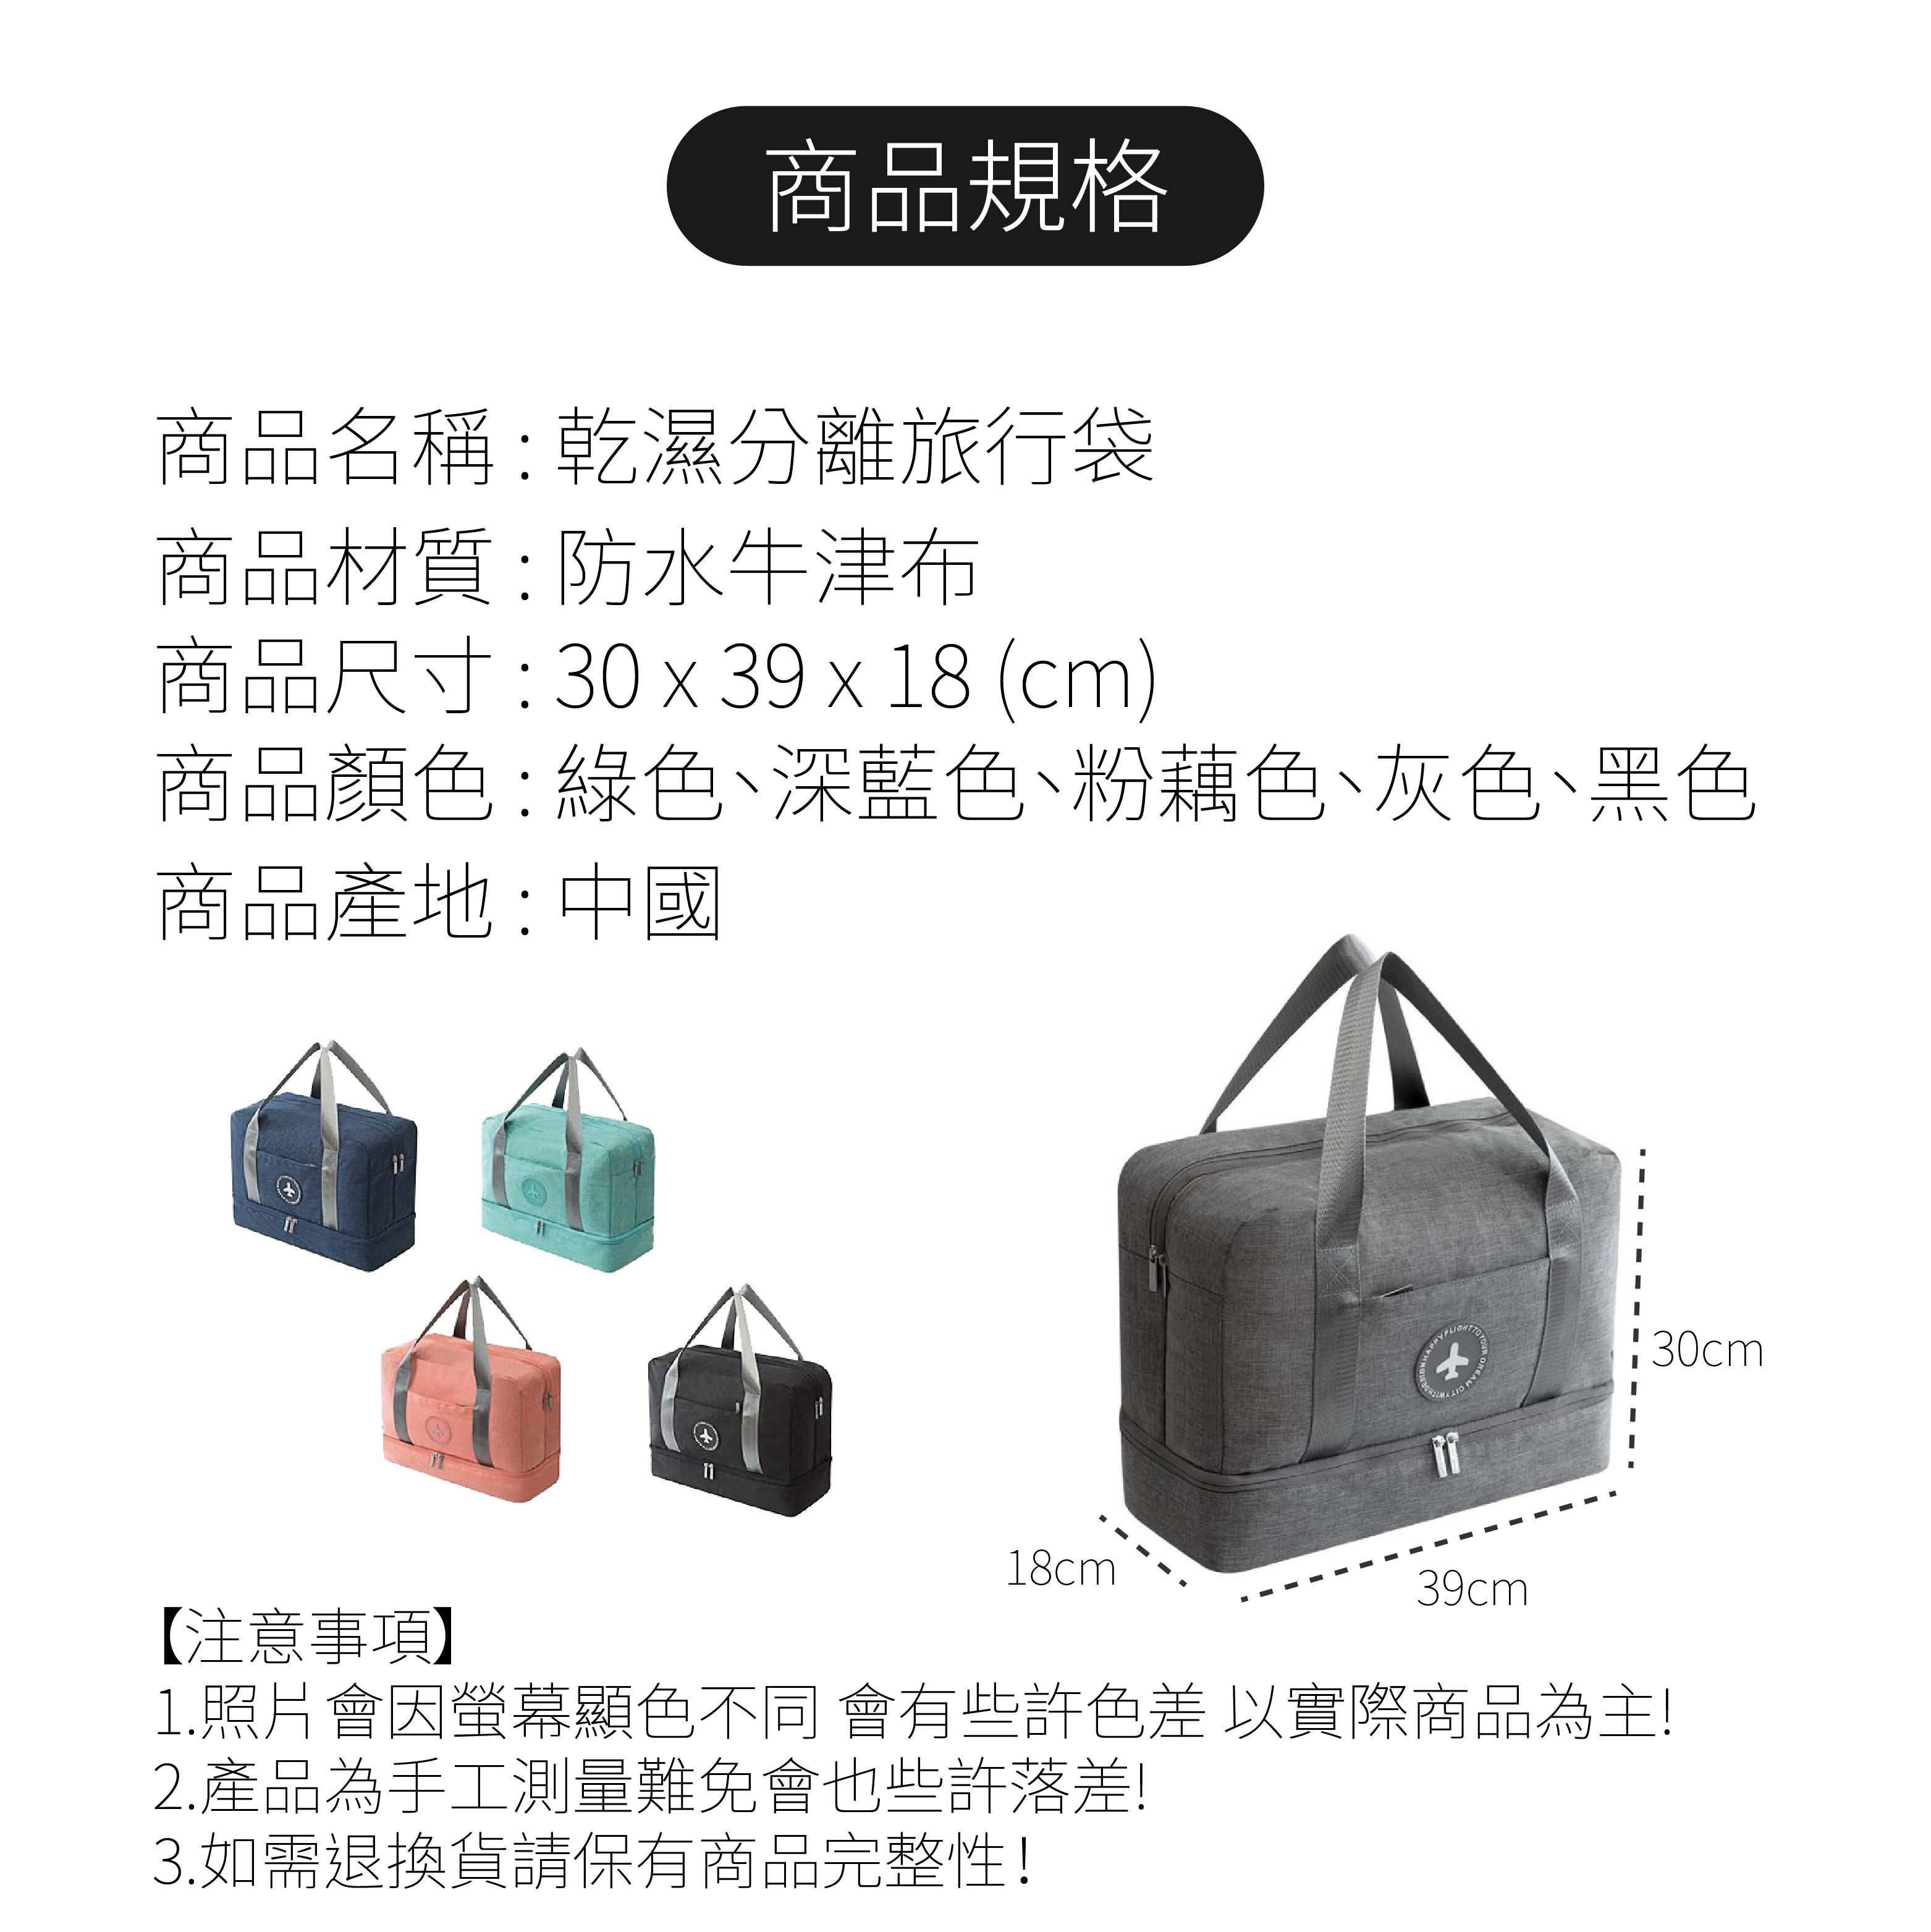 『現貨』乾溼分離收納包 運動包 游泳包 乾濕分離收納包 鞋包 收納包 防水袋【BE435】 7